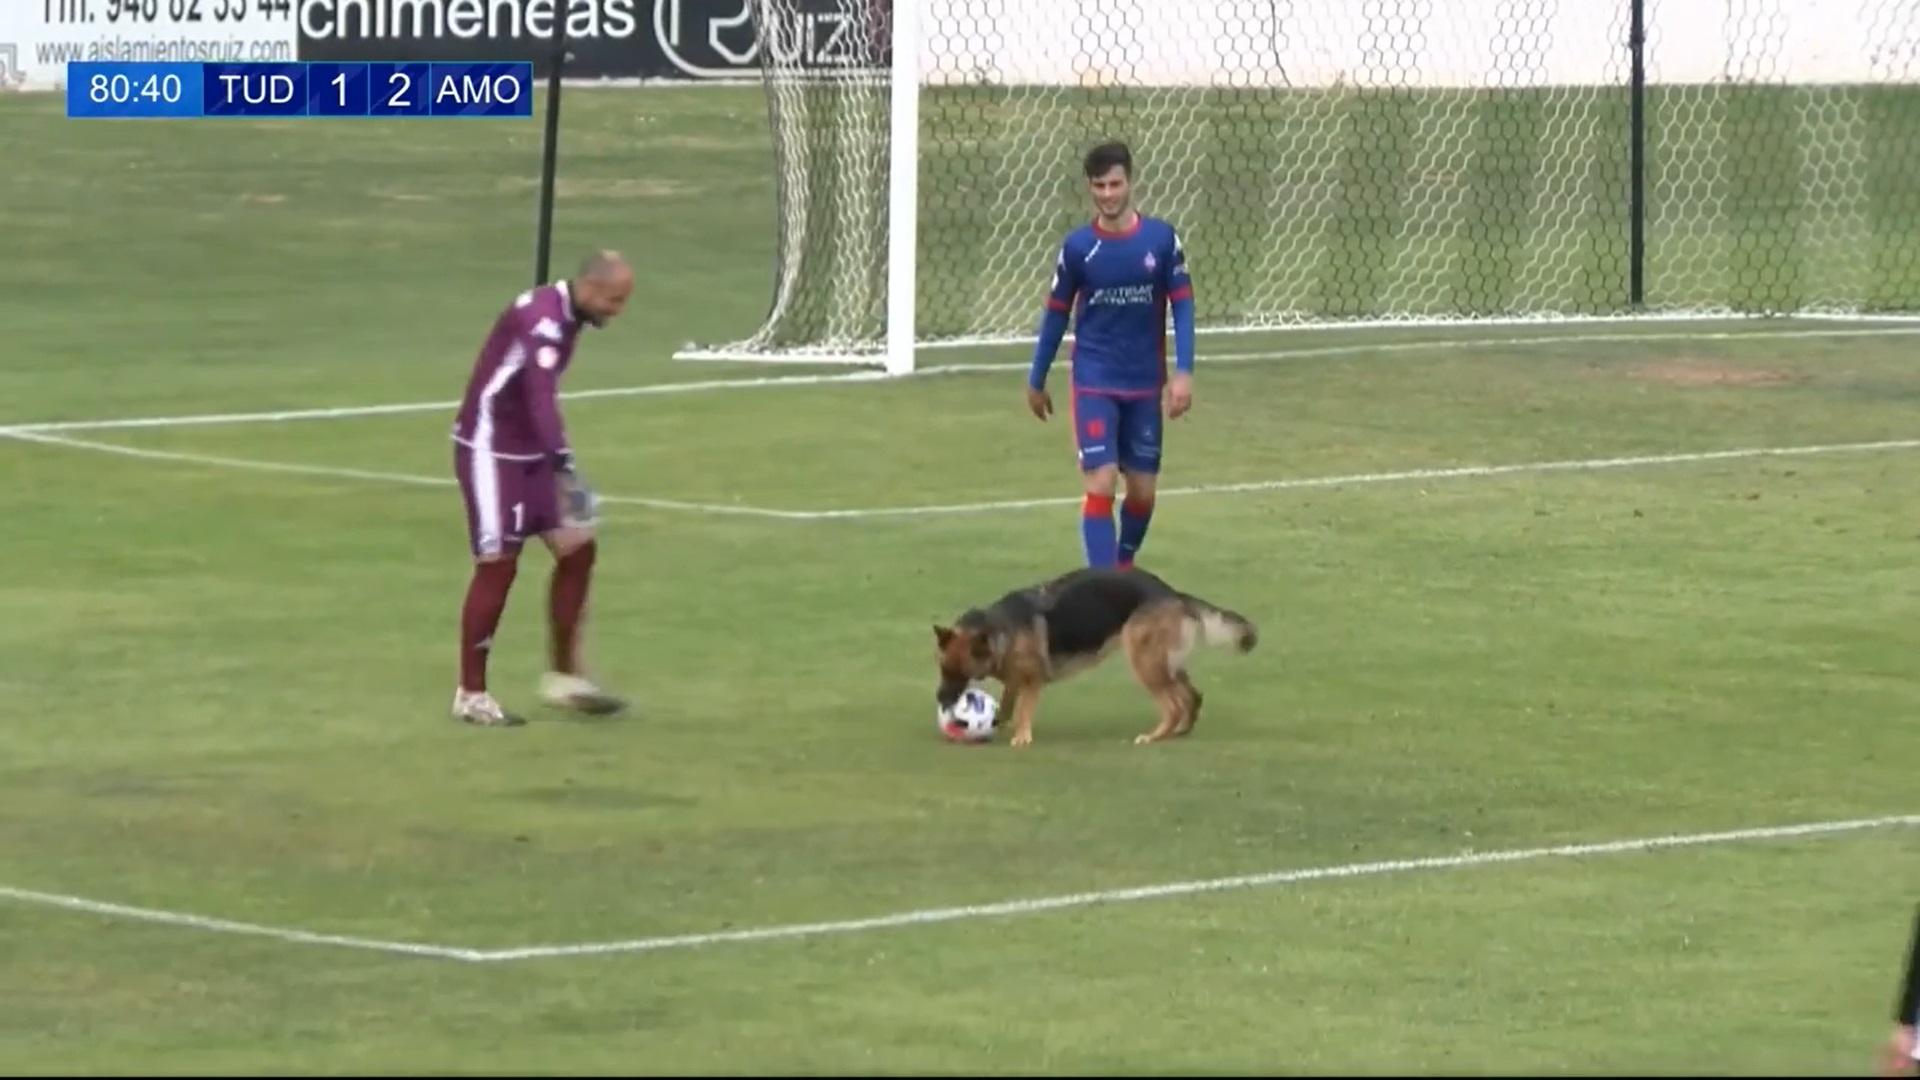 Cadela apaixonada por futebol invade jogo para